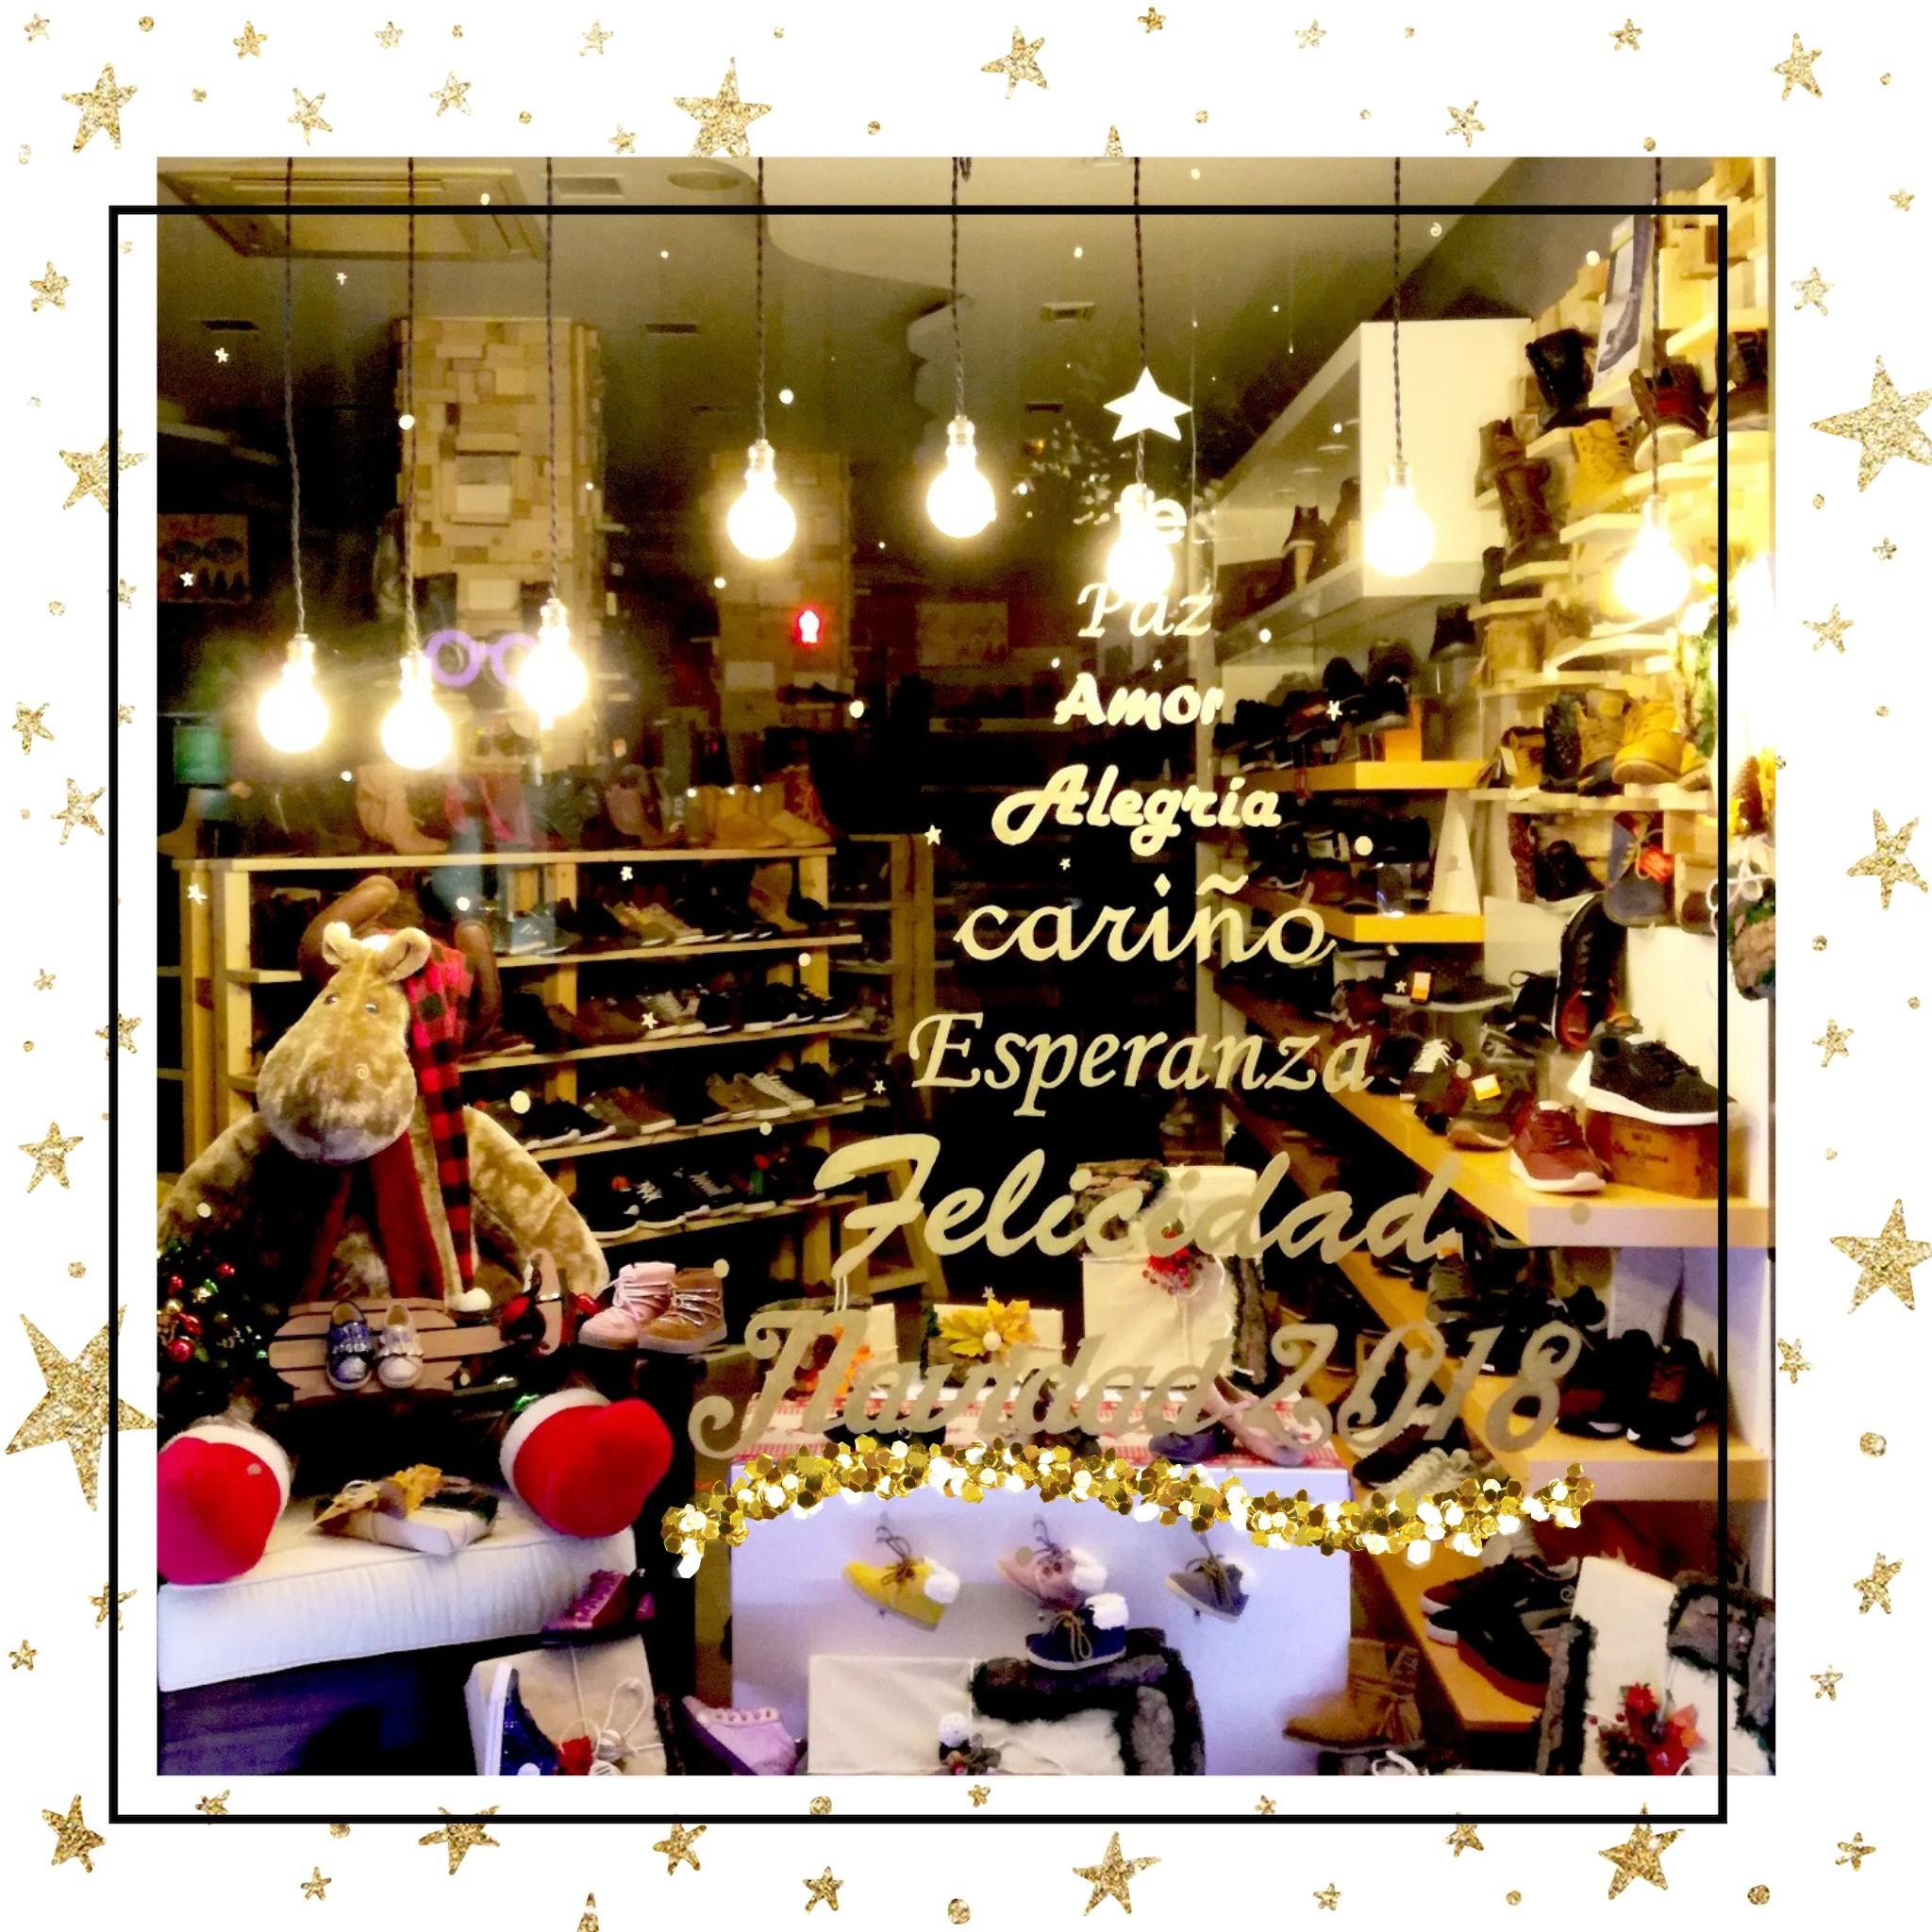 Todo el equipo de Soul of Mancebo os desea una Feliz Navidad!! ☃️ Ven a vernos para tus regalos de navidad y disfruta comprando! 